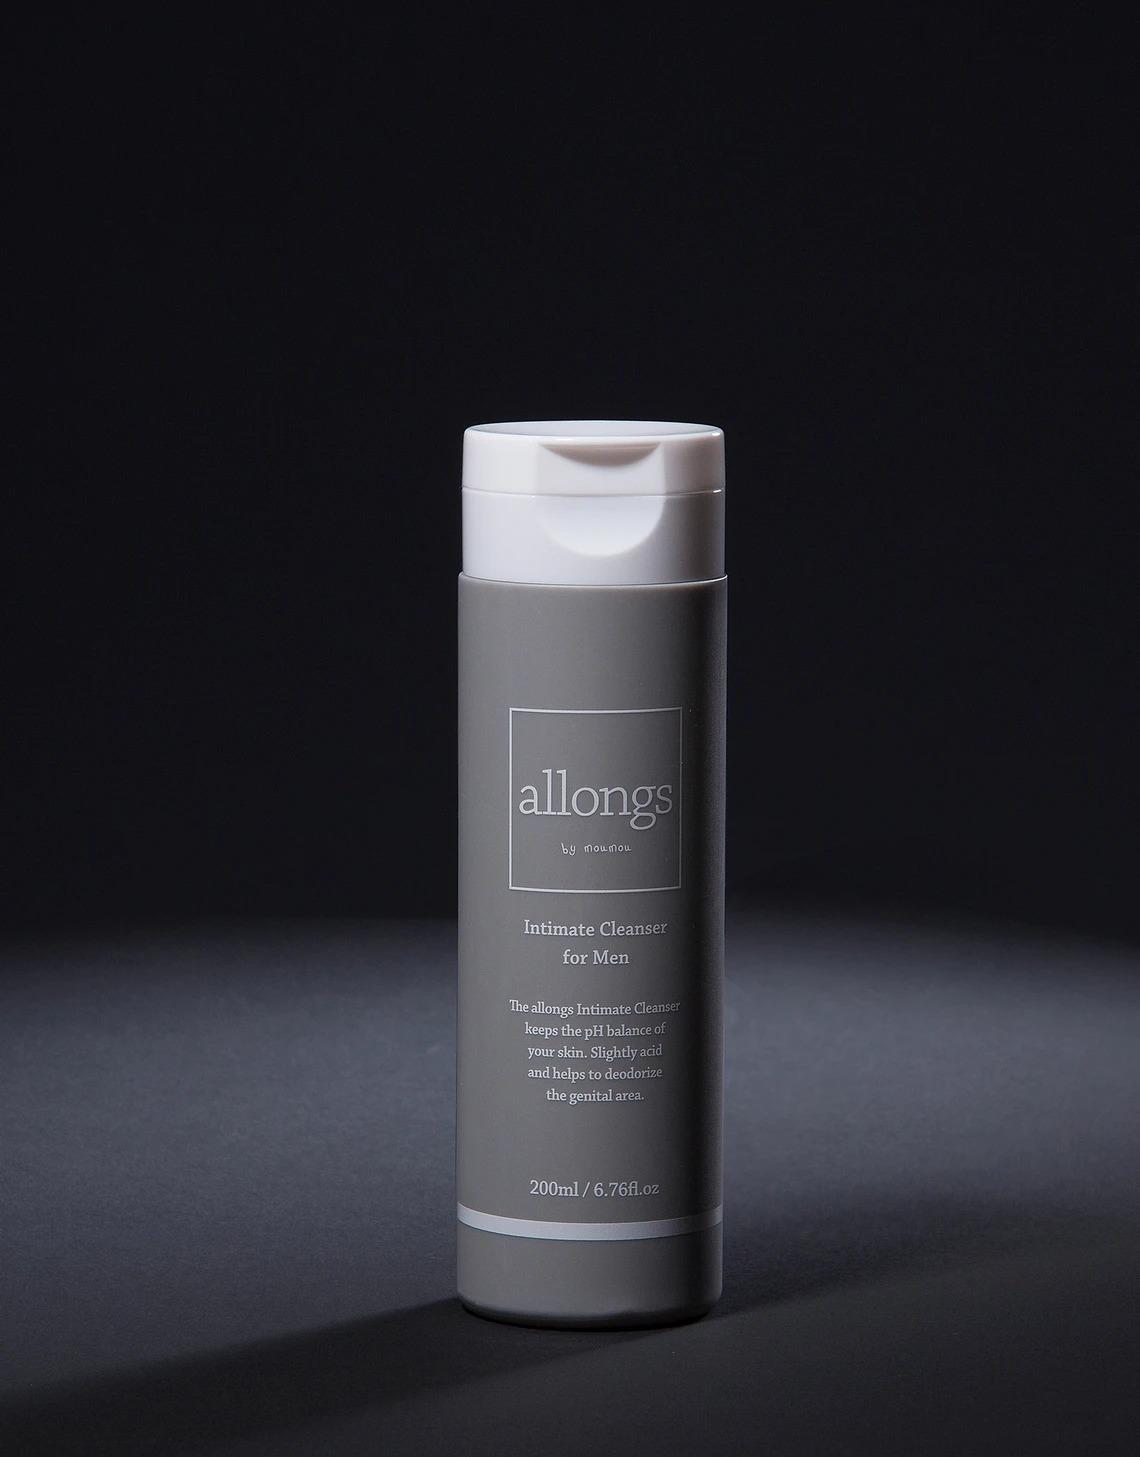 Allongs Intimate Cleanser for Men